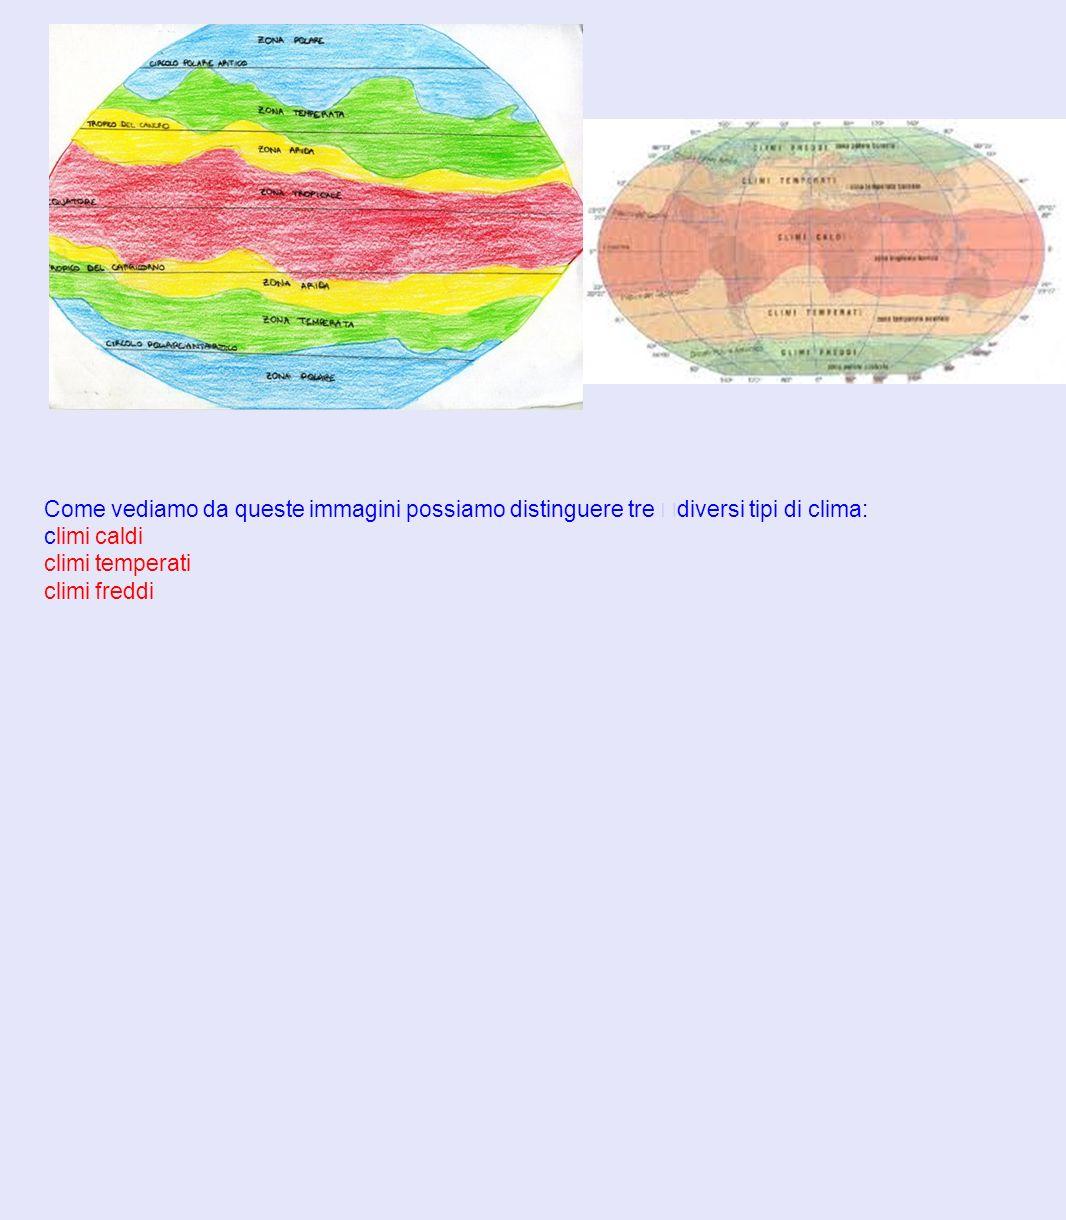 Come vediamo da queste immagini possiamo distinguere tre diversi tipi di clima: